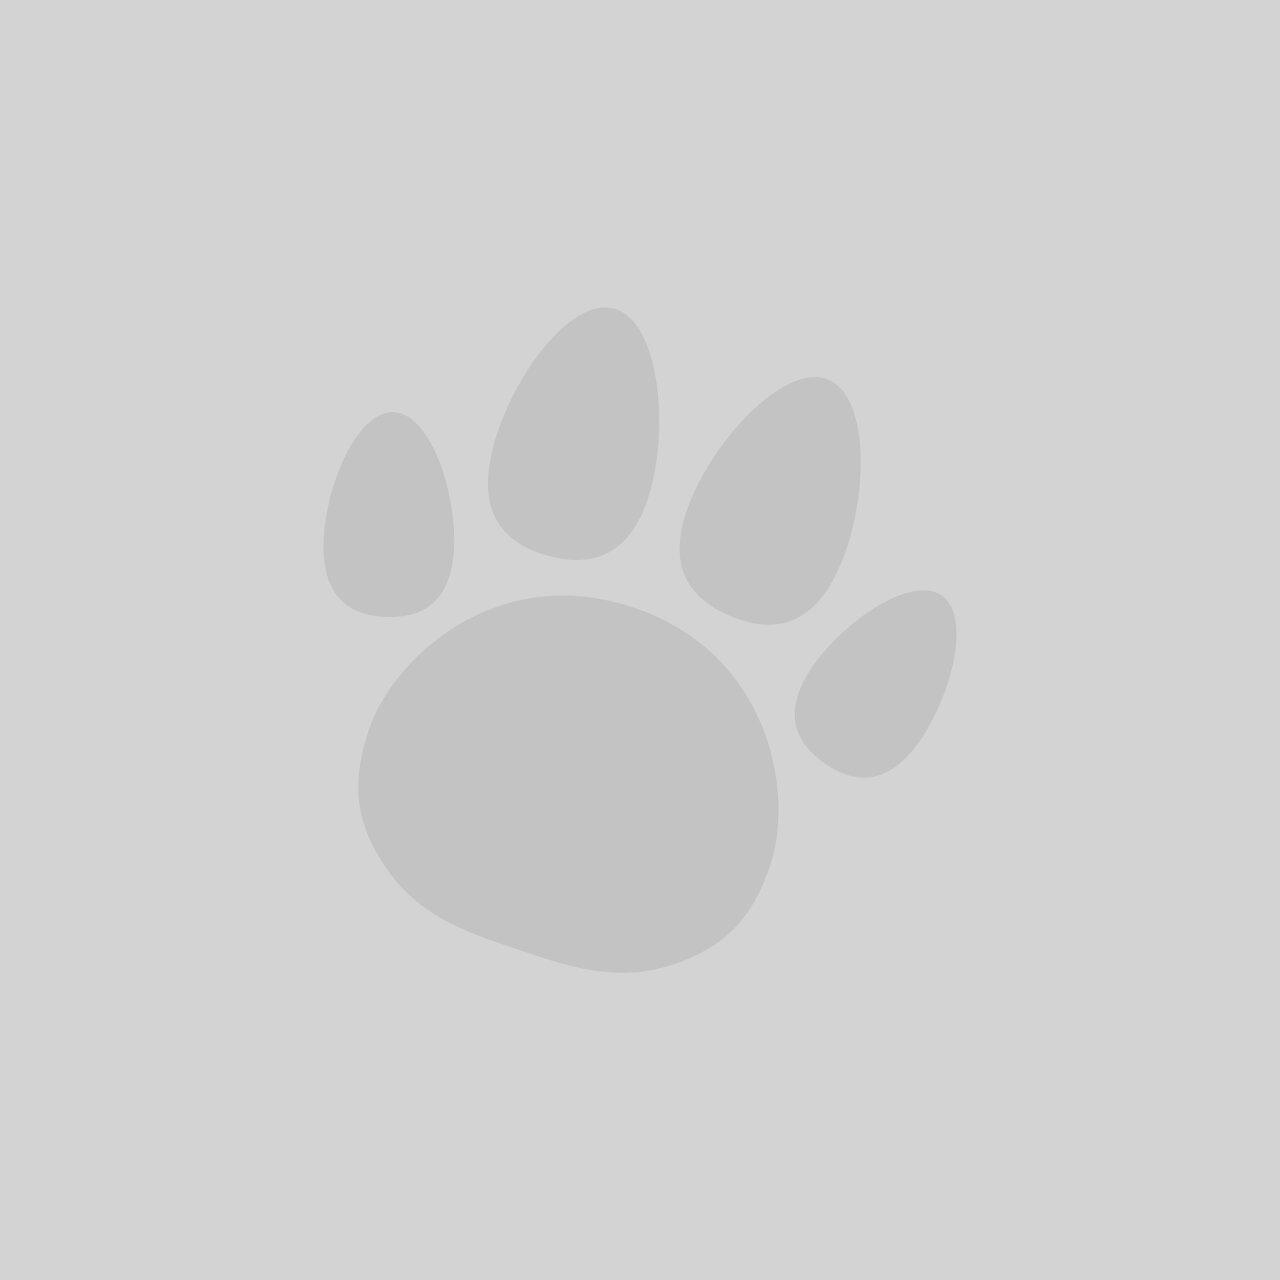 Pedigree Small Jumbone Dog Treat with Chicken 4pc